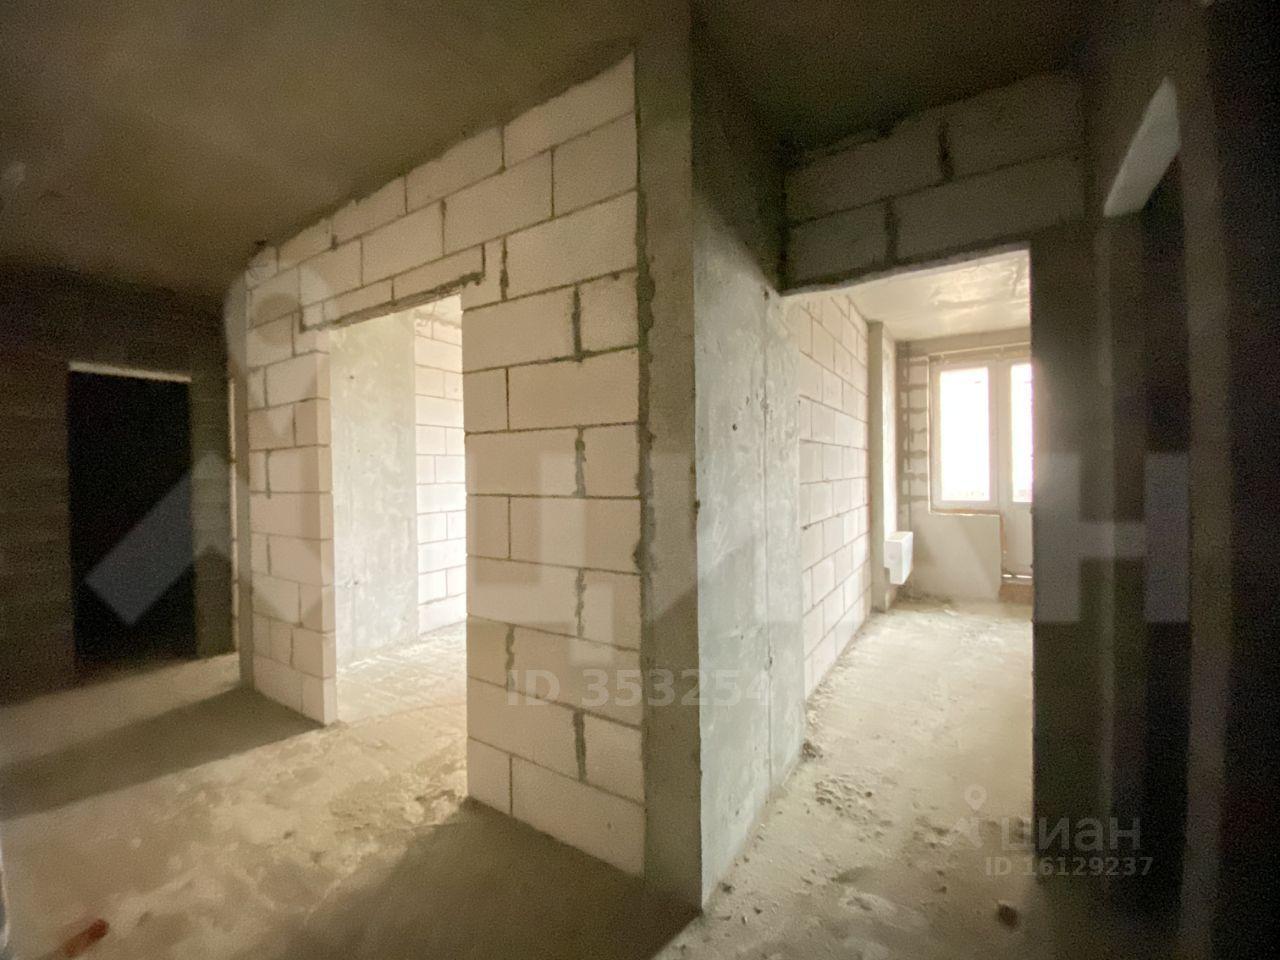 Продаю двухкомнатную квартиру 56м² Московская область, Химки, мкр. Планерная, вл4 - база ЦИАН, объявление 237058916